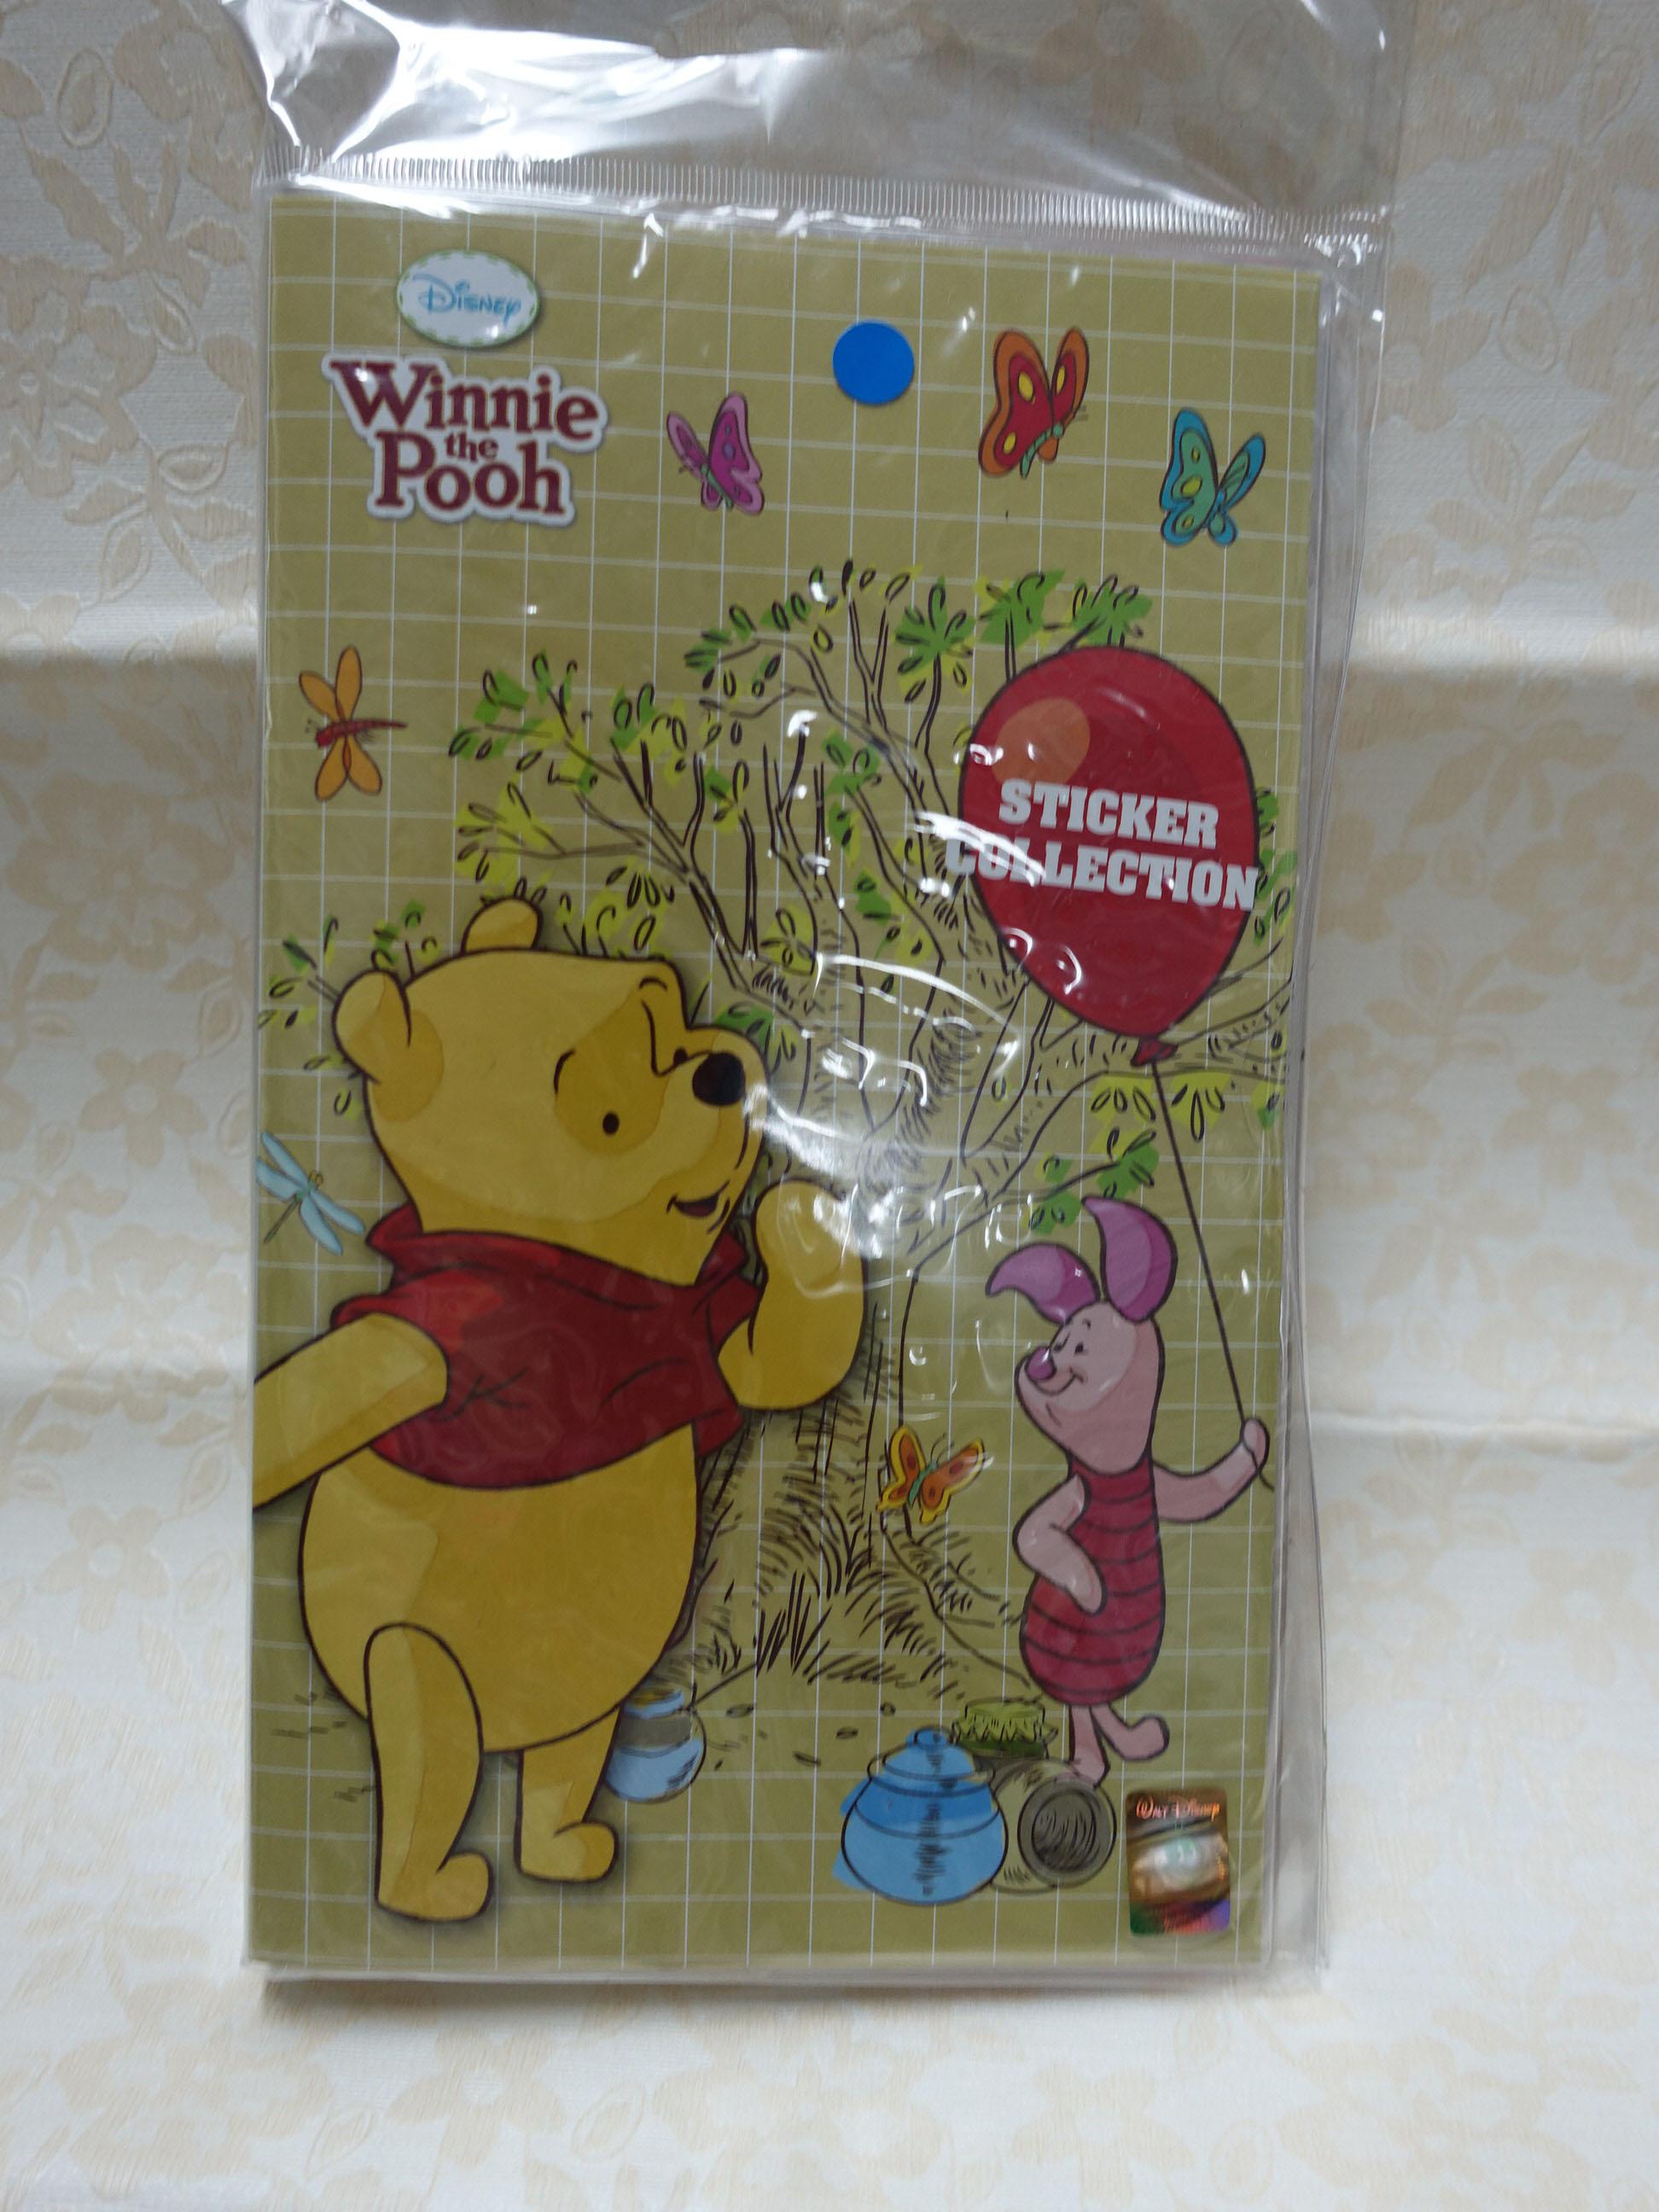 迪士尼 小熊 維尼 相本 拍立得相本 相簿 相片本 相冊 小熊維尼 小豬 跳跳虎 Disney Winnie 另售 kitty 史迪奇 米老鼠